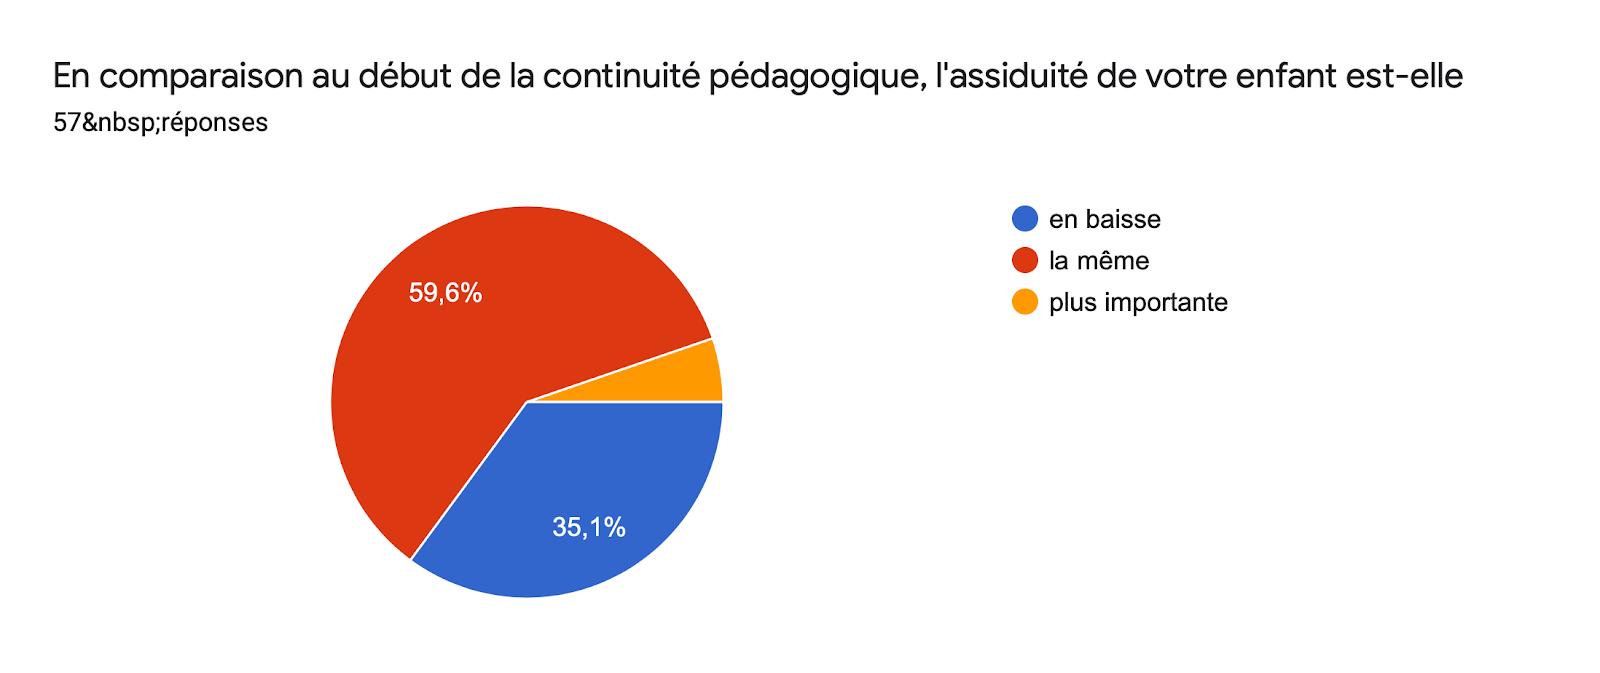 Tableau des réponses au formulaire Forms. Titre de la question: En comparaison au début de la continuité pédagogique, l'assiduité de votre enfant est-elle. Nombre de réponses: 57réponses.